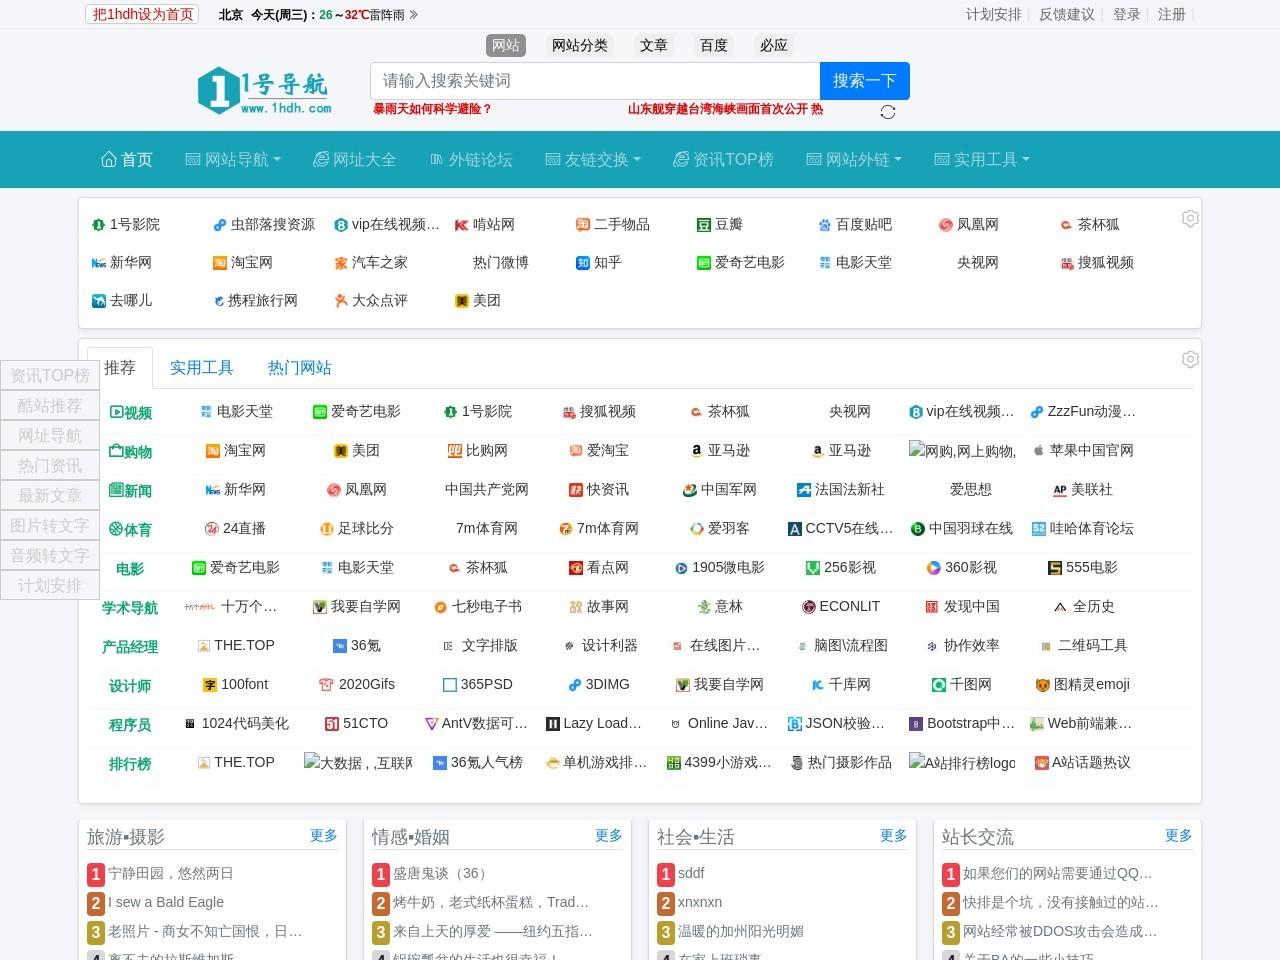 1号导航网_是一个自定义网址网站导航和外链发布平台